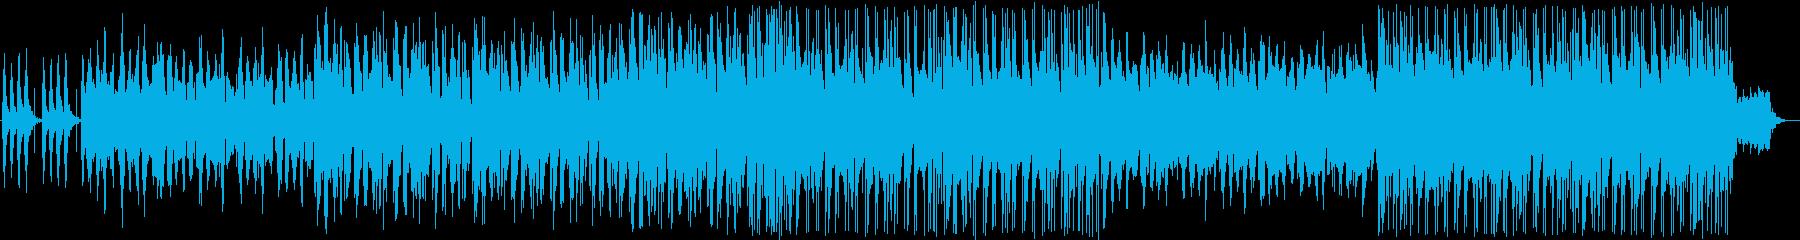 ギターの入ったエレクトロサウンドの再生済みの波形